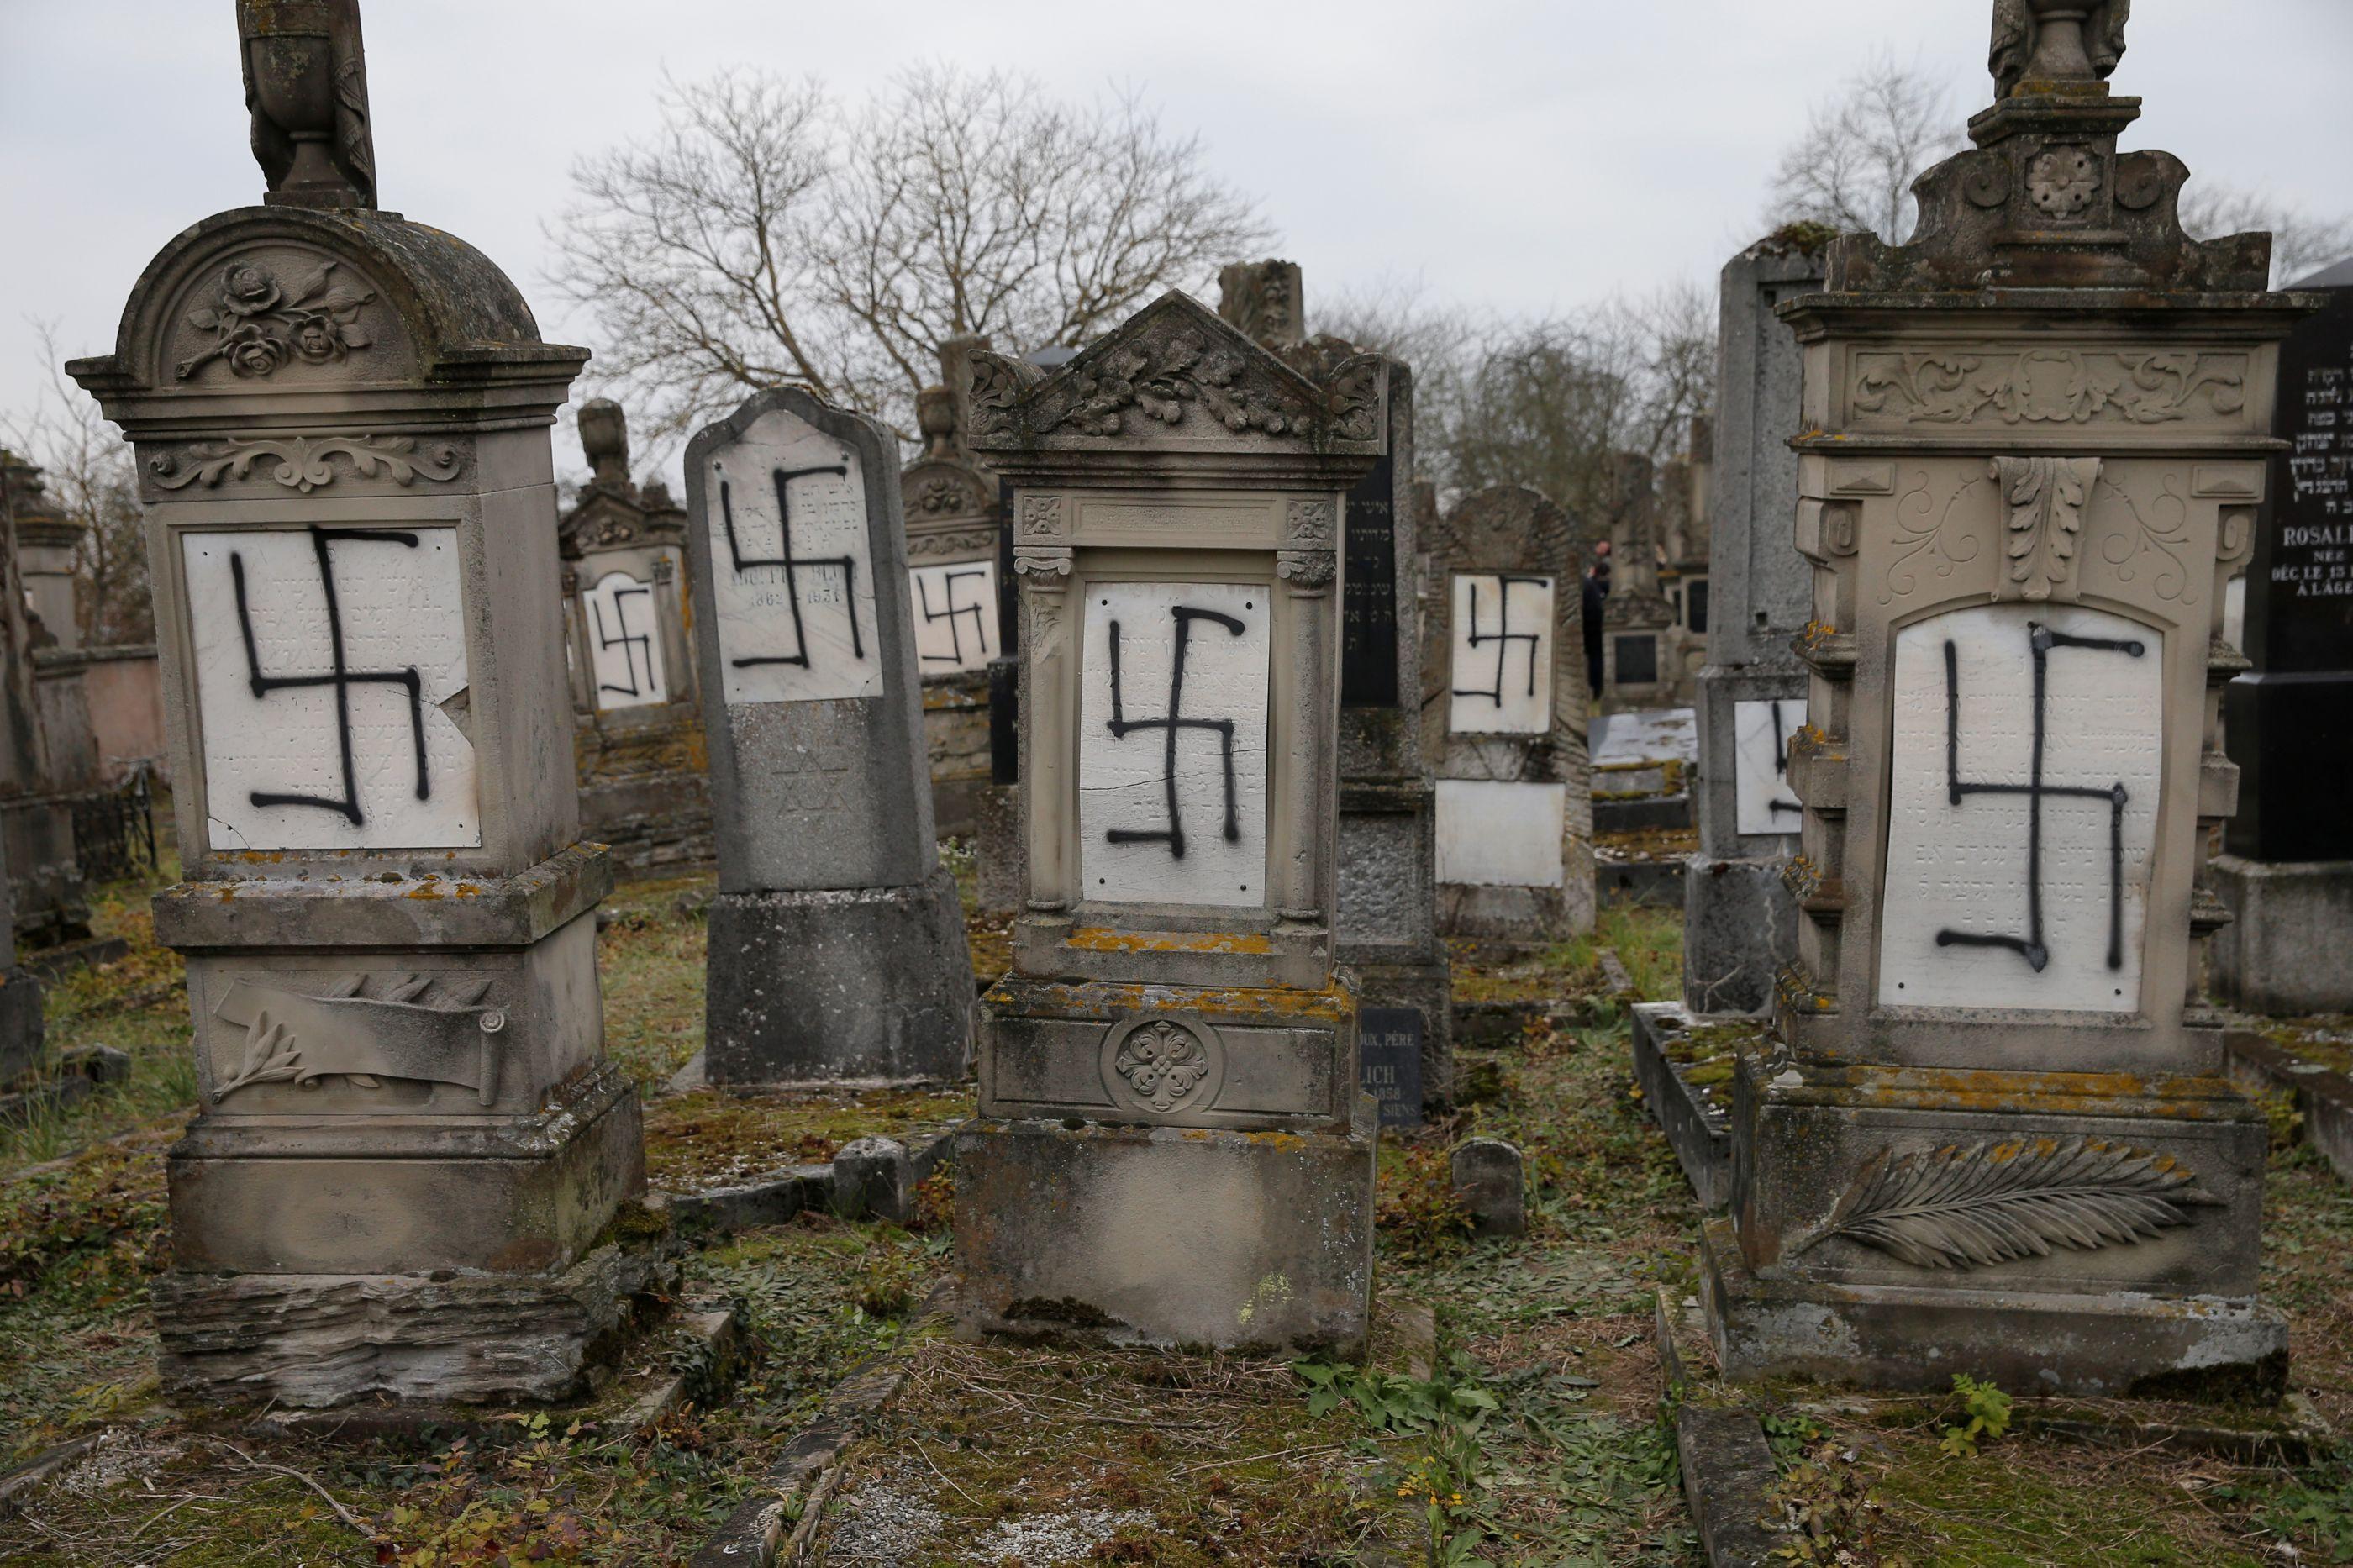 Cemitério judeu em França vandalizado com suásticas